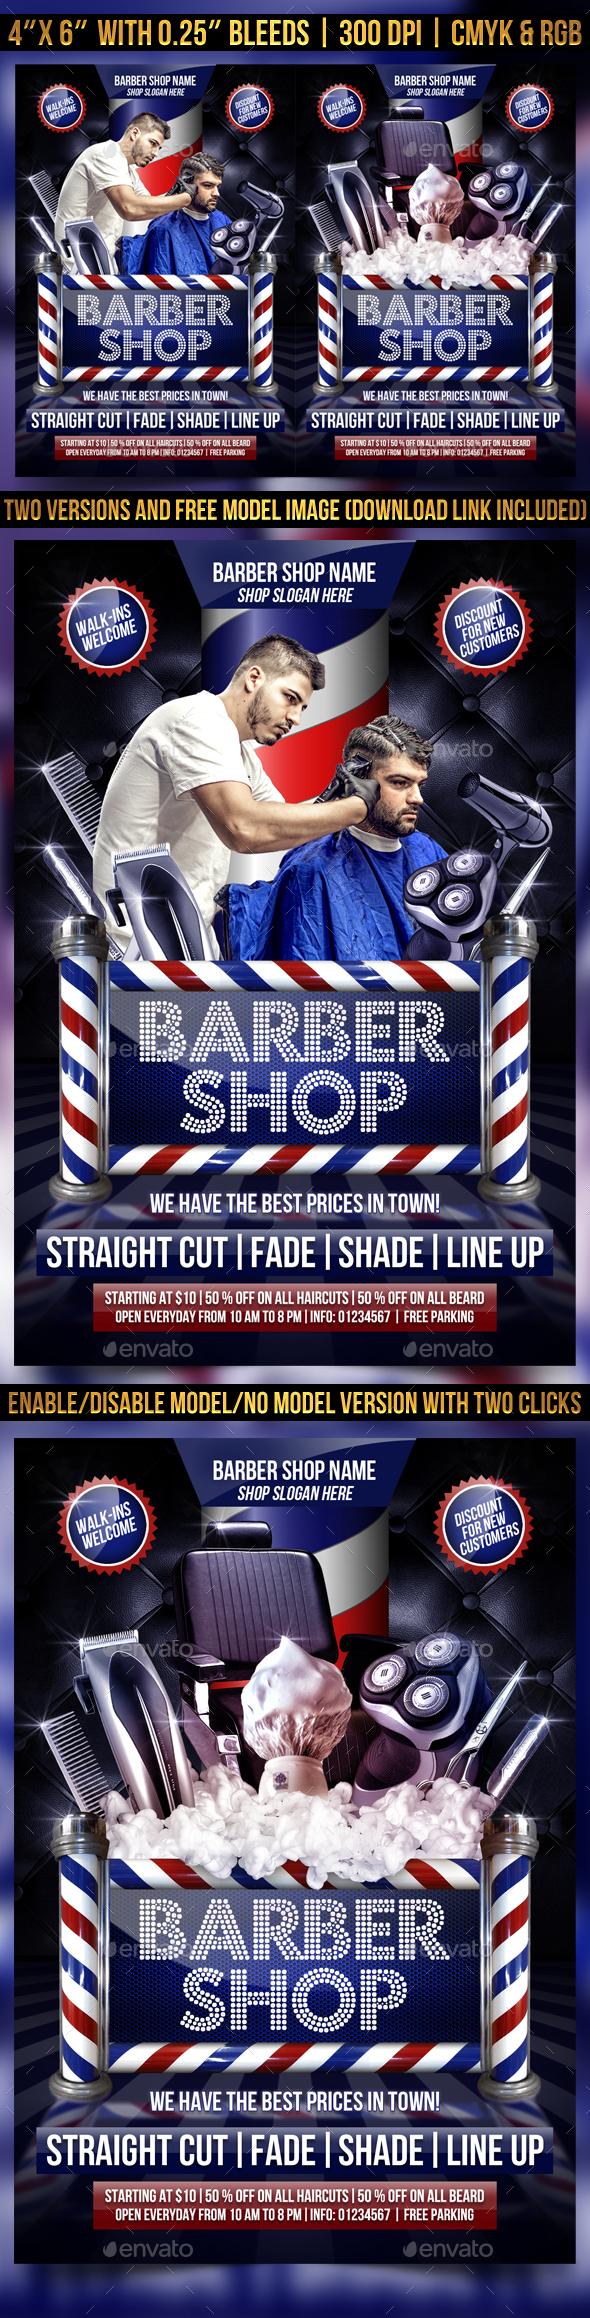 barber flyer